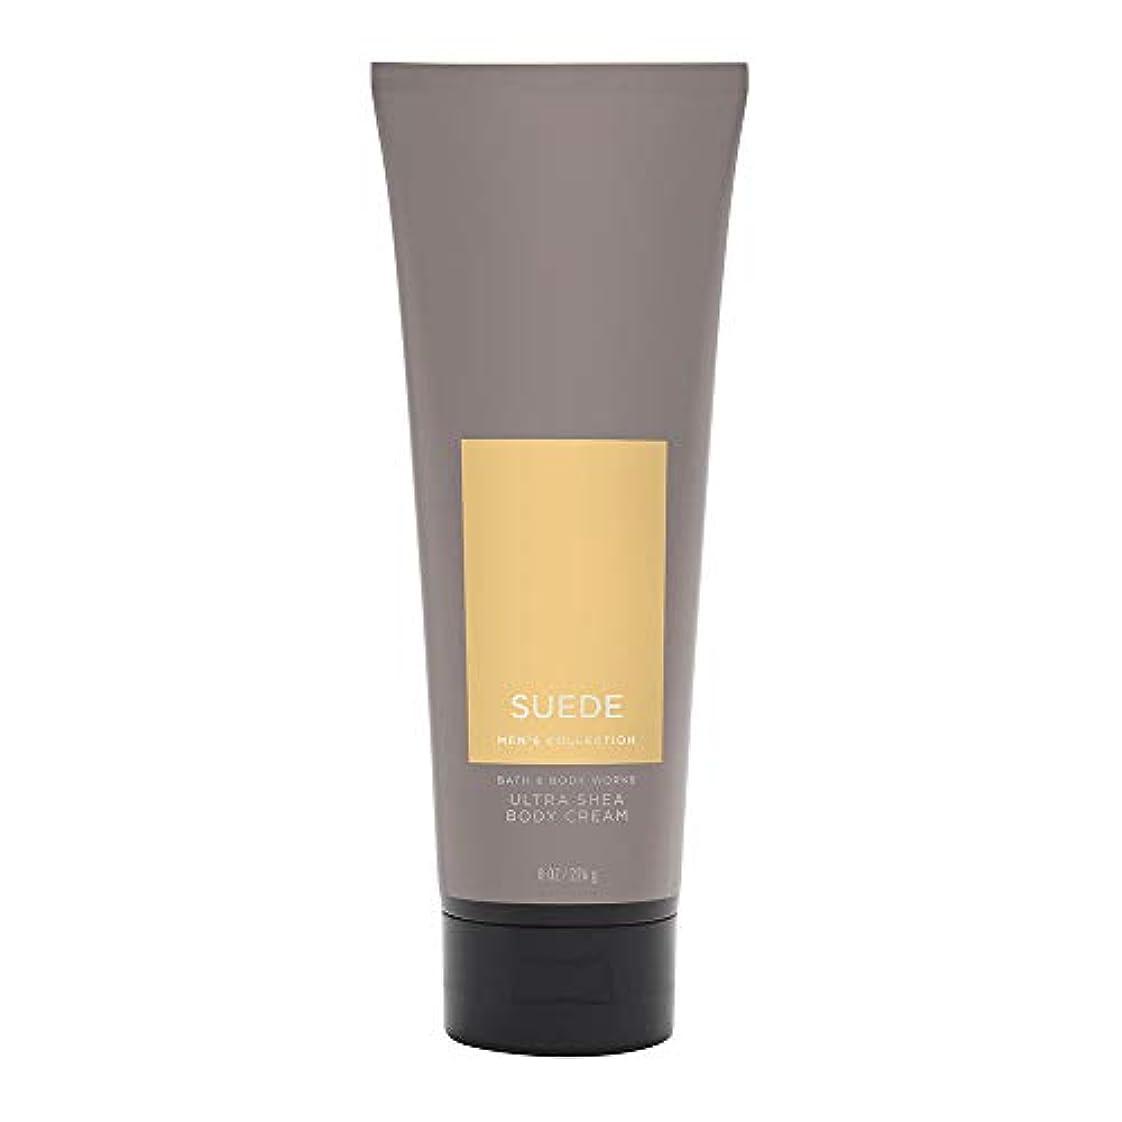 【並行輸入品】Bath and Body Works Suede for Men Ultra Shea Body Cream 226 g